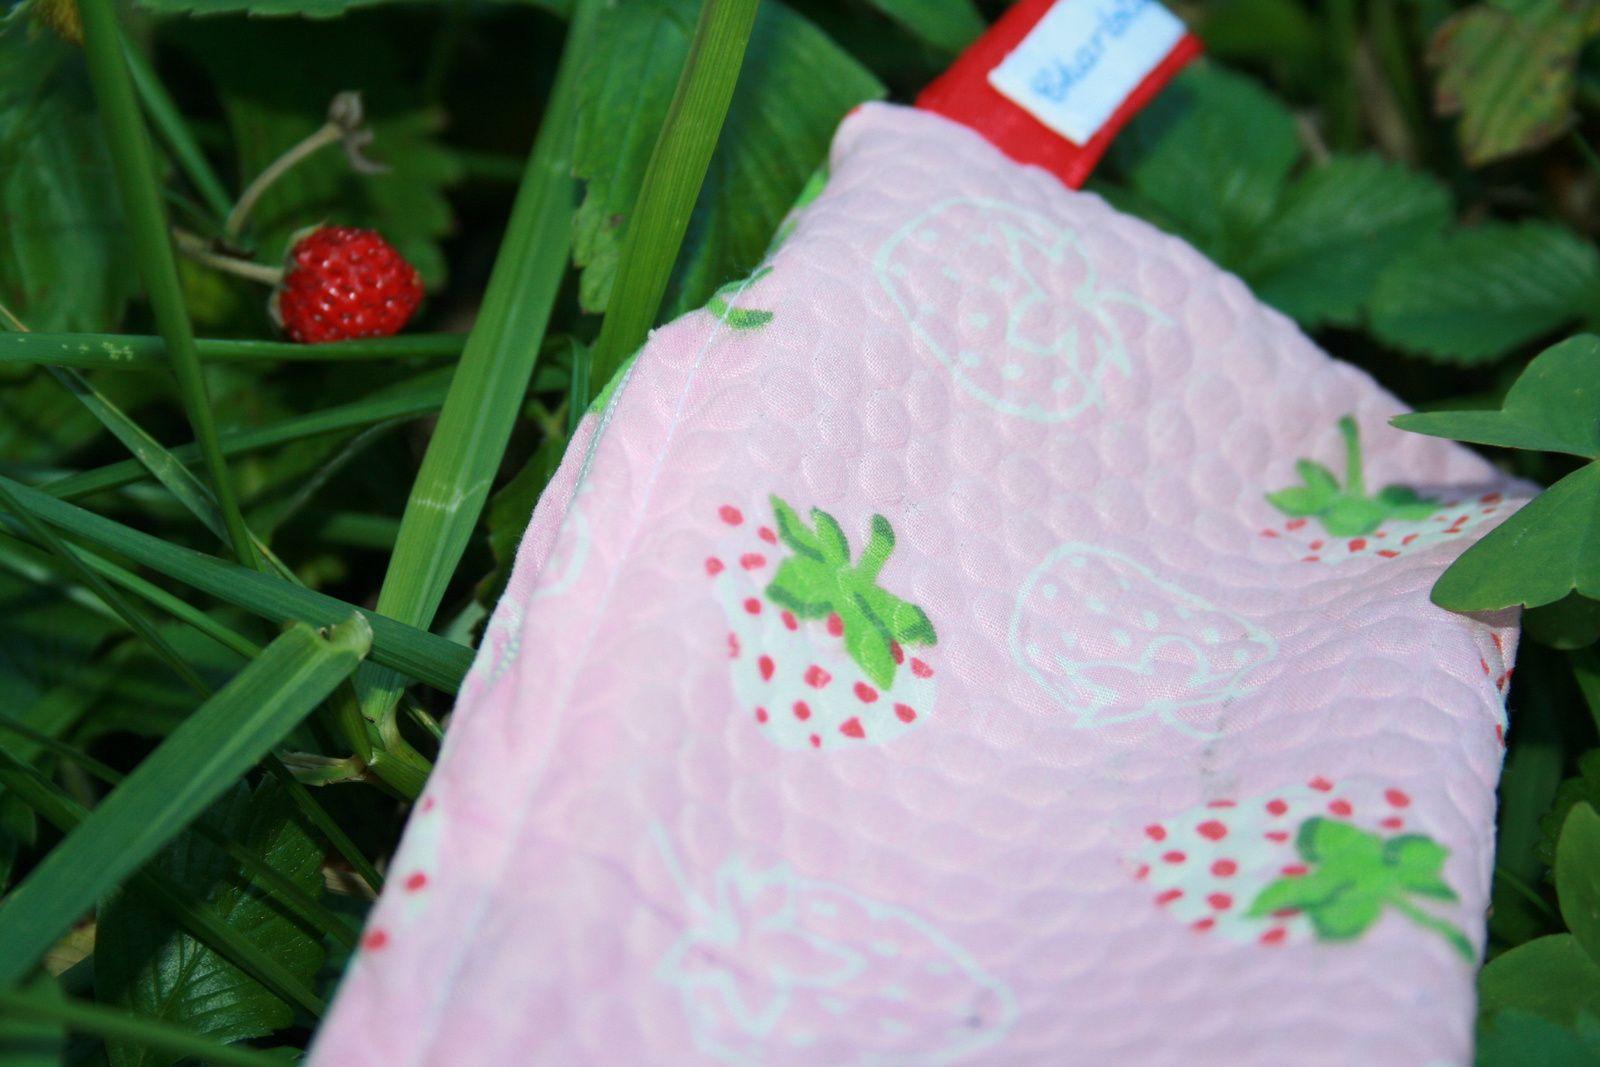 trousse aux fraises de charlotteblabla blog*